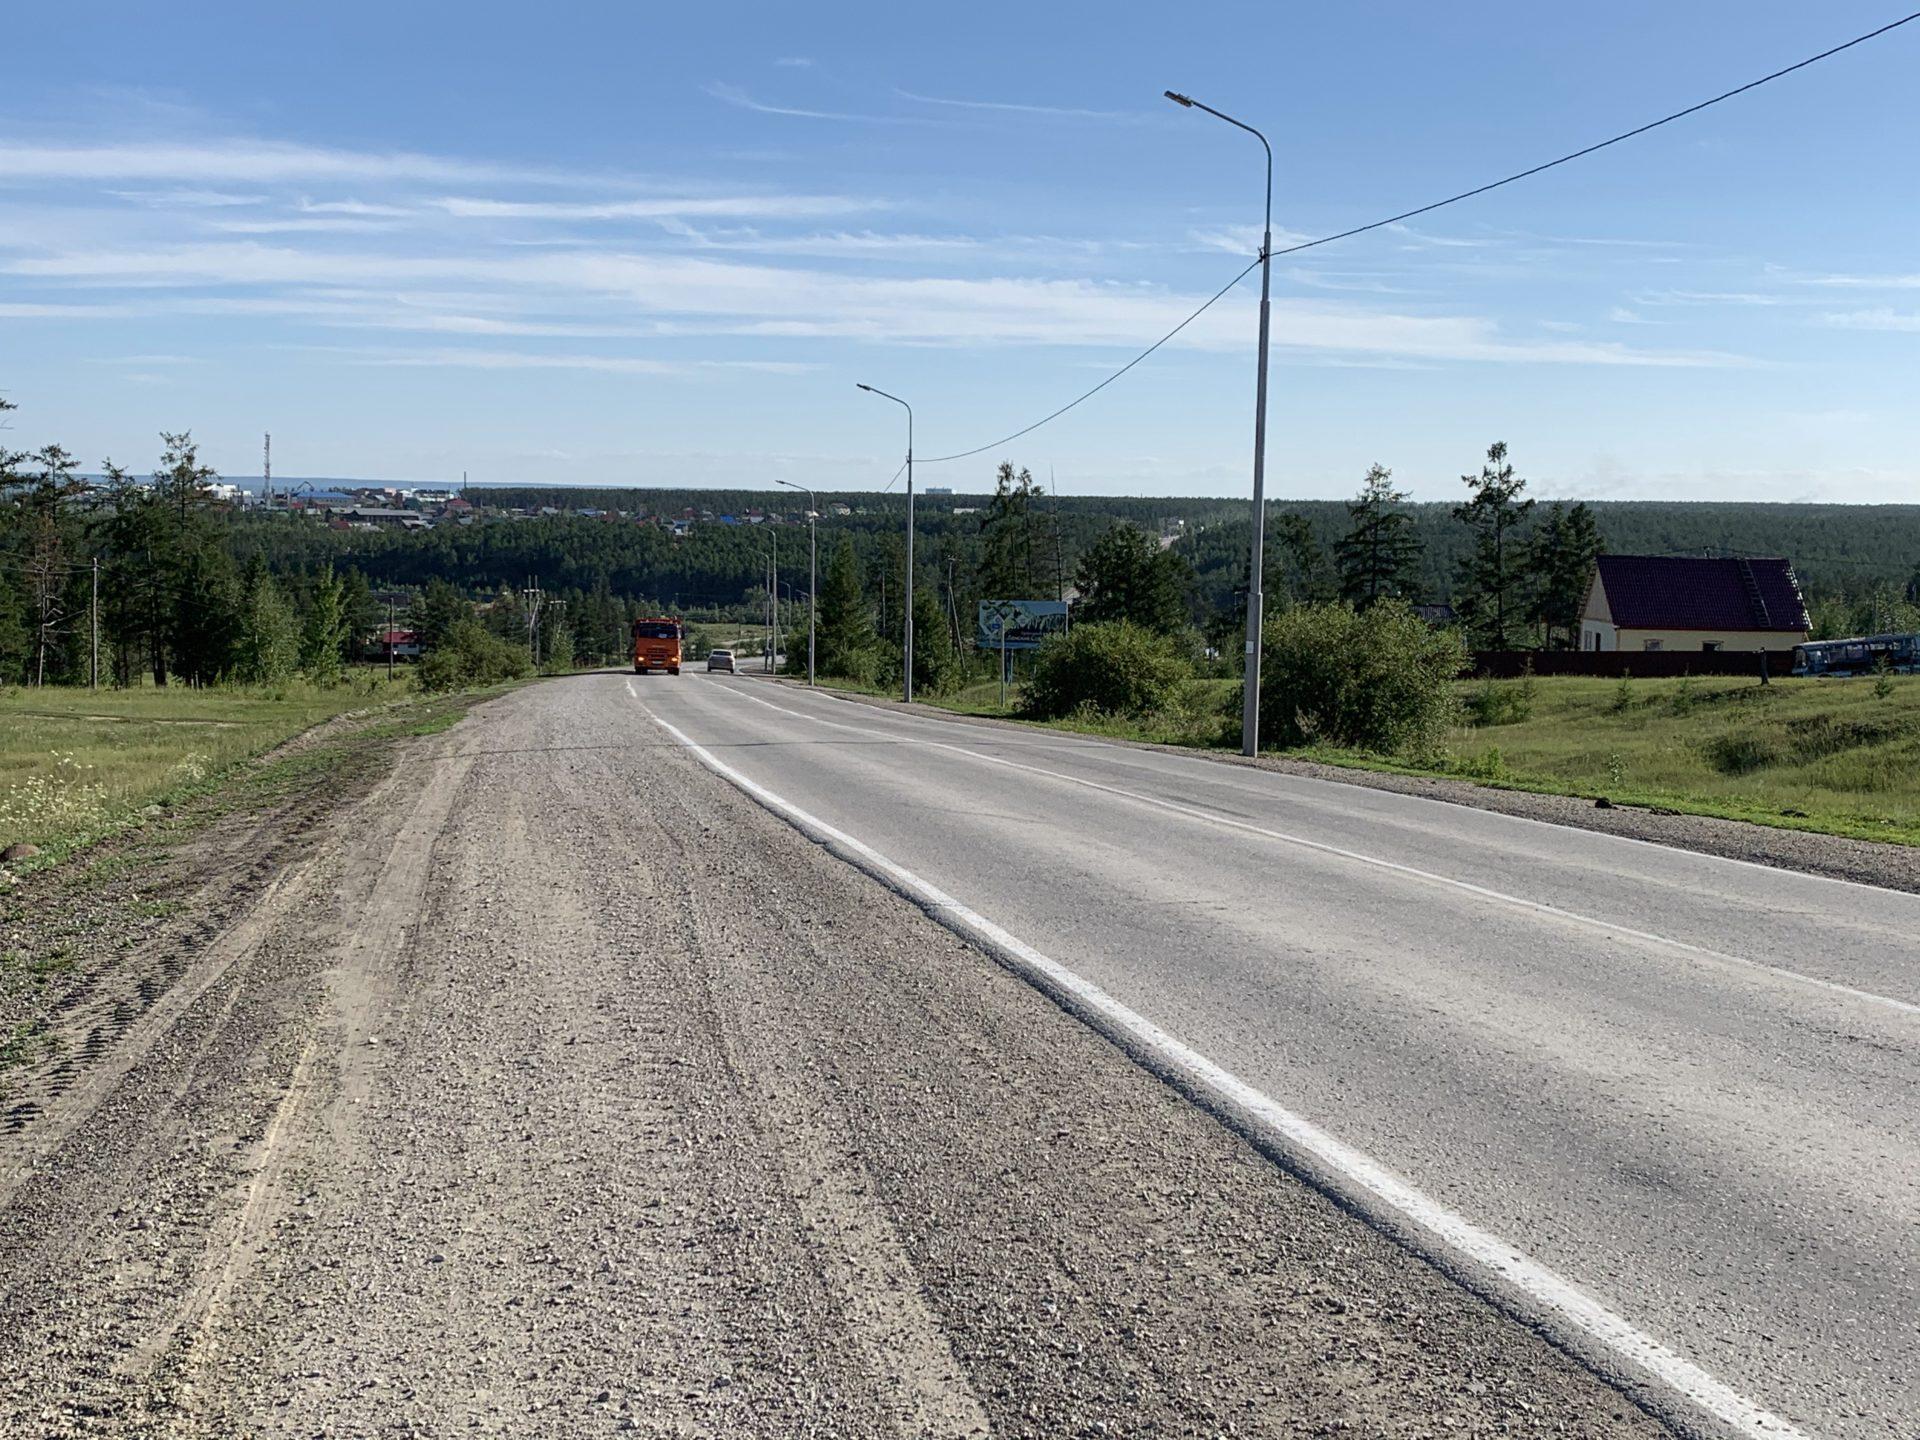 В 2020 году на участках автодорог Якутии установят наружное освещение мощностью свыше 16 км